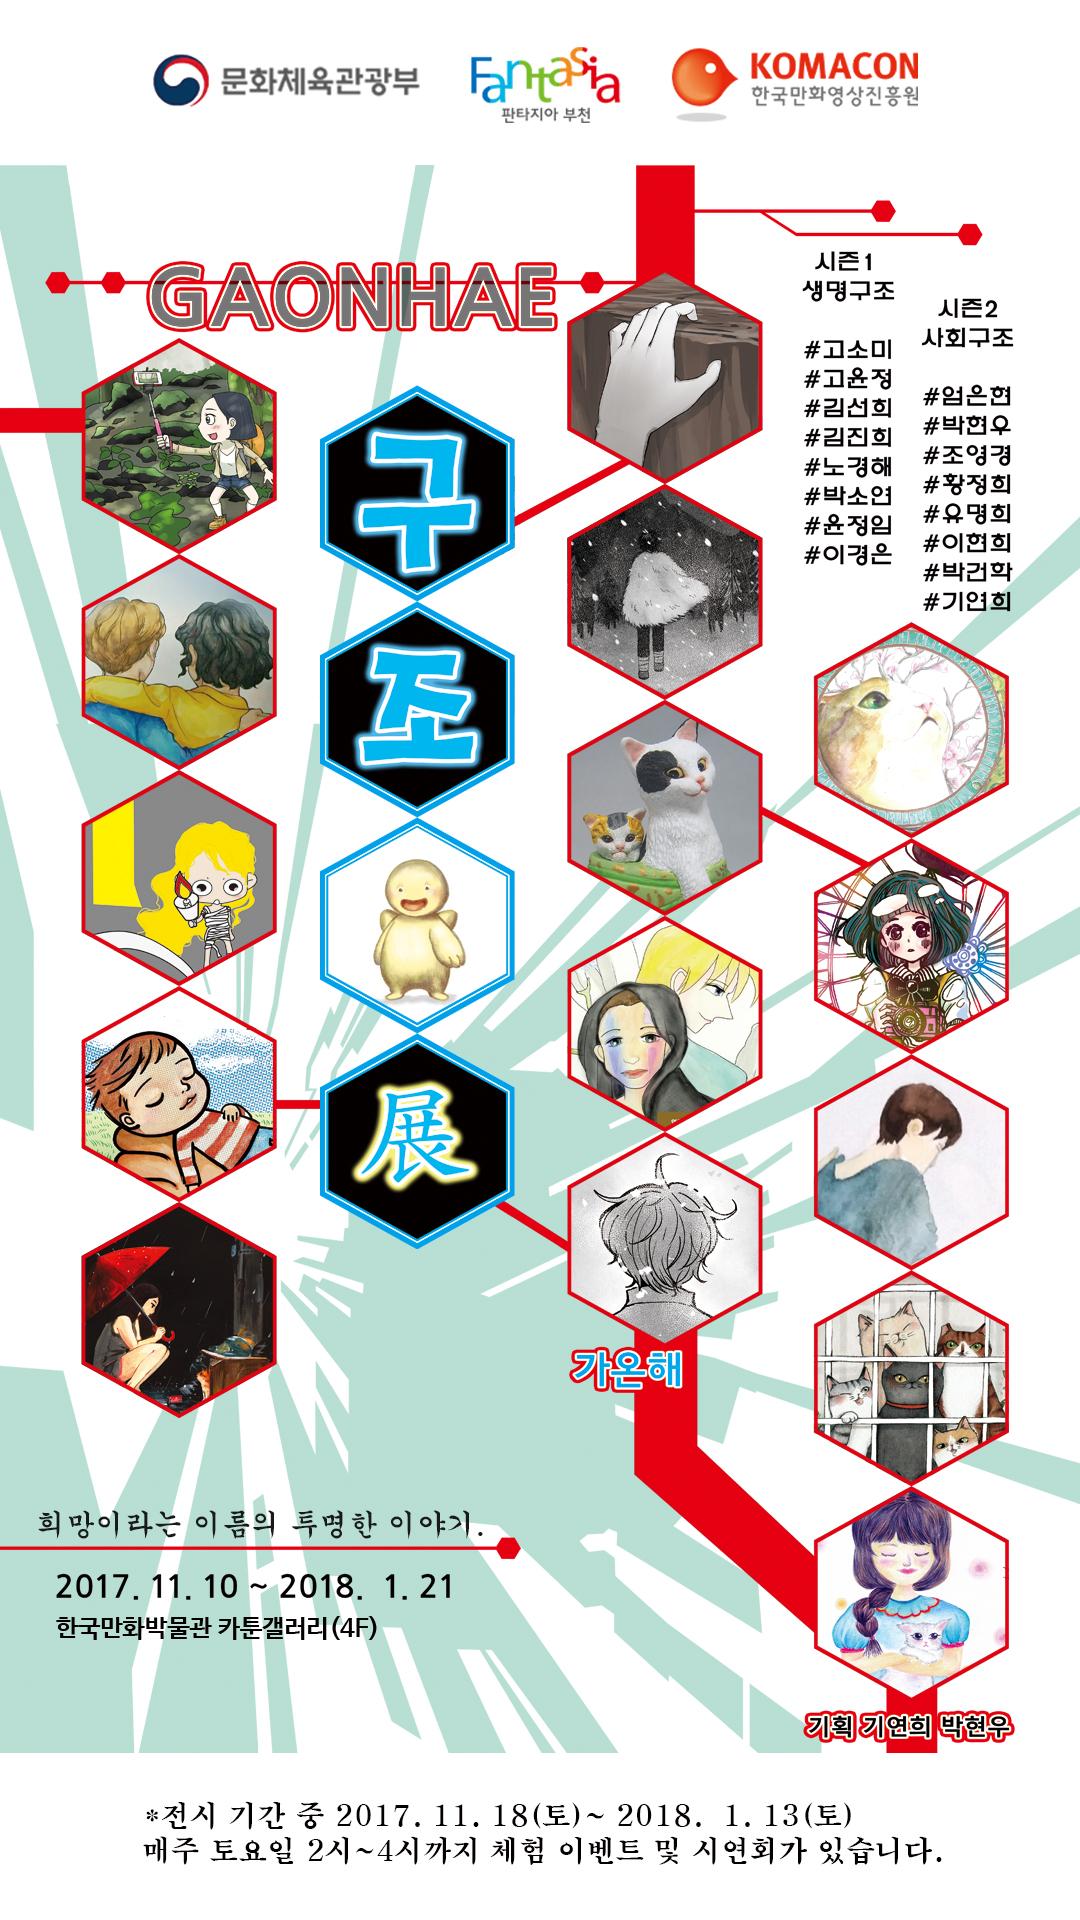 3-부천시청 홍보용 배너 1.jpg